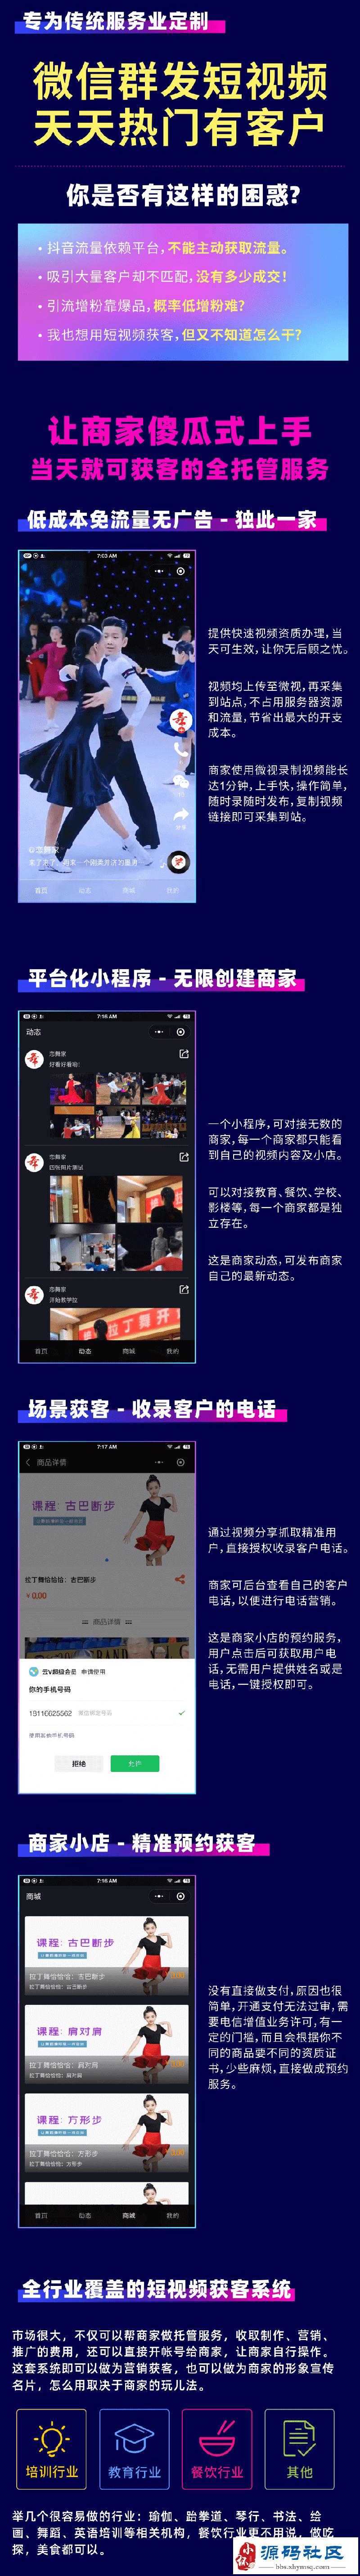 2020年全新燃客短视频获客小程序V4.1视频营销源码下载-图1